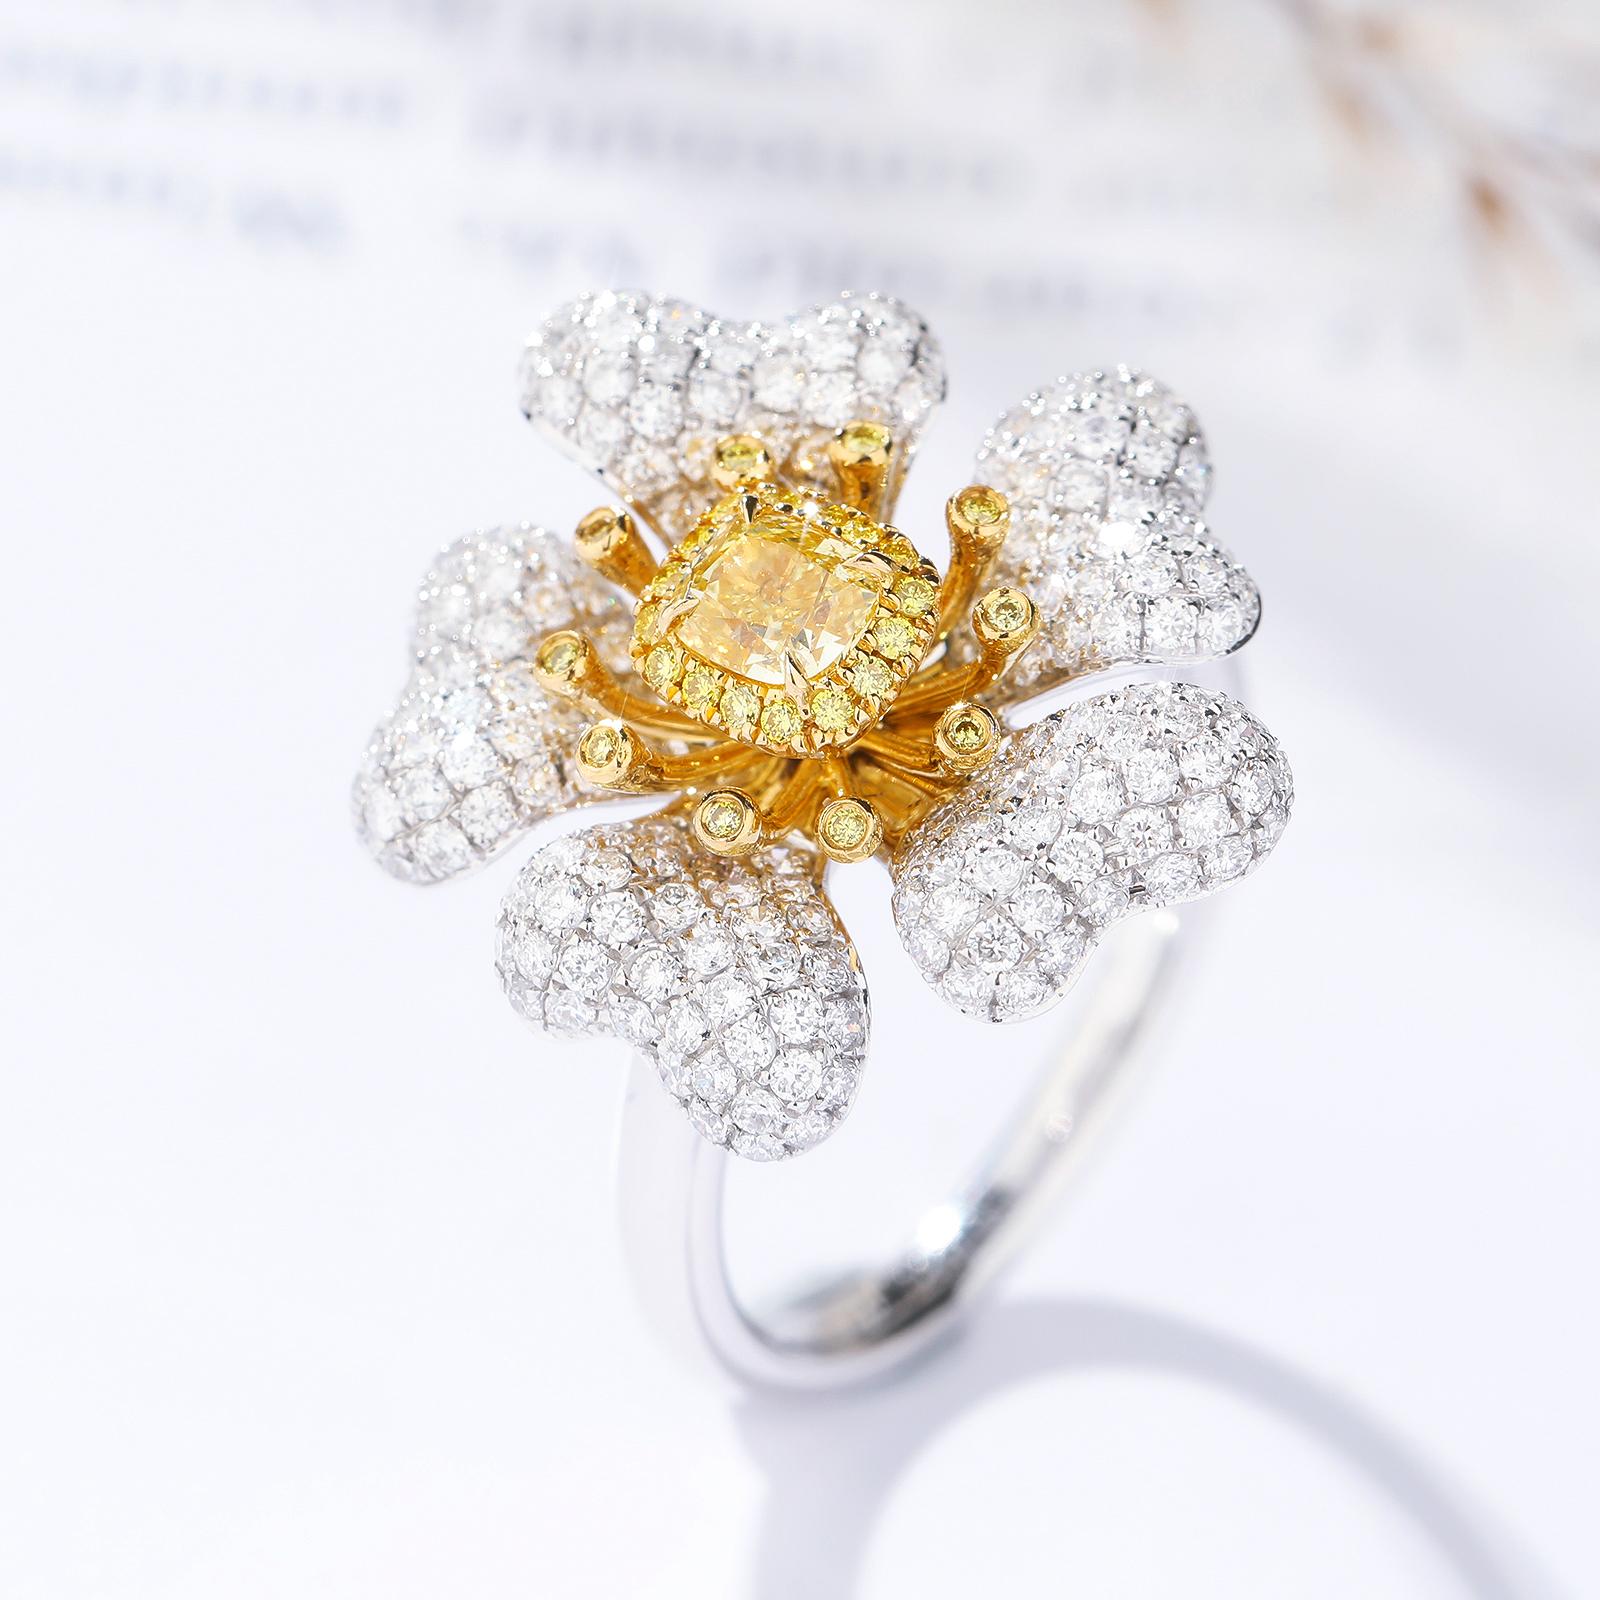 穆莱欧 40分枕形浓彩黄钻石奢华霸气香水花瓣造型戒指仙女款钻戒